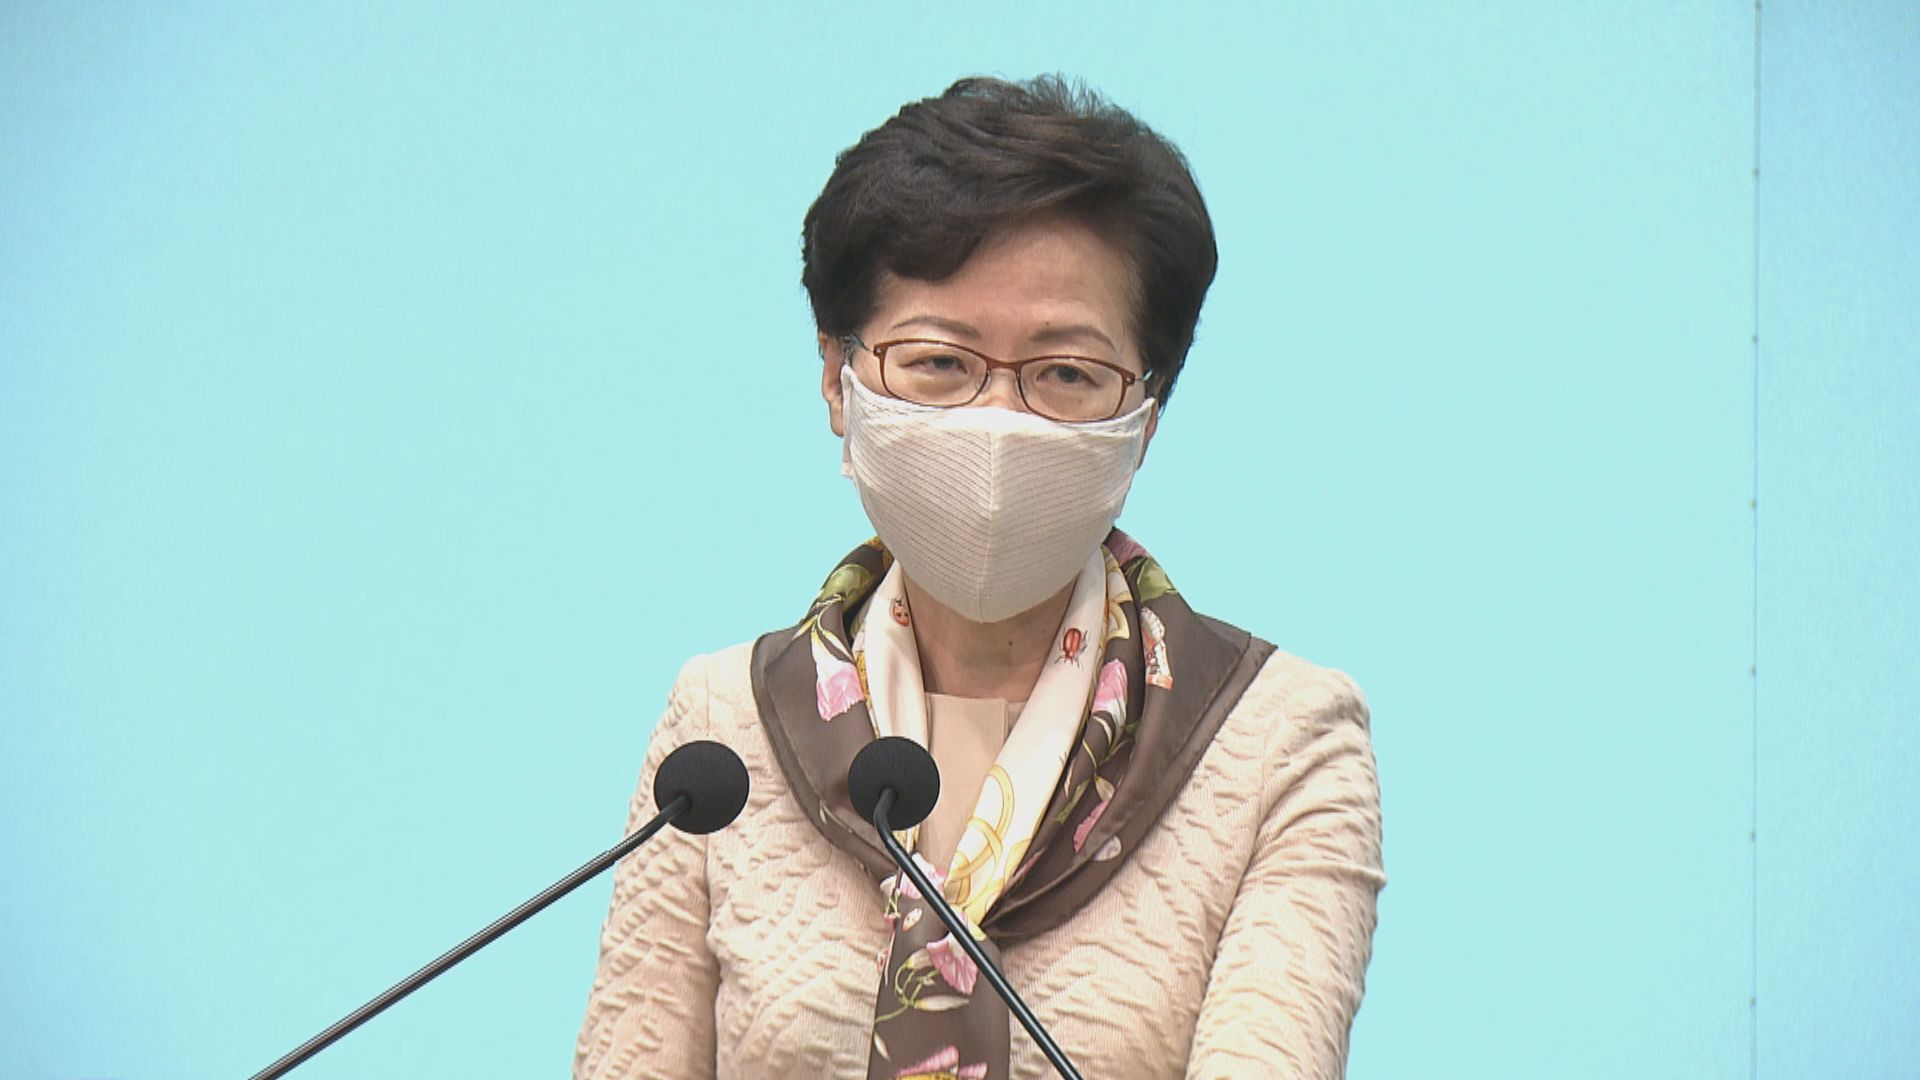 【最新】林鄭月娥:外國對國家安全持雙重標準 對港制裁損人不利己